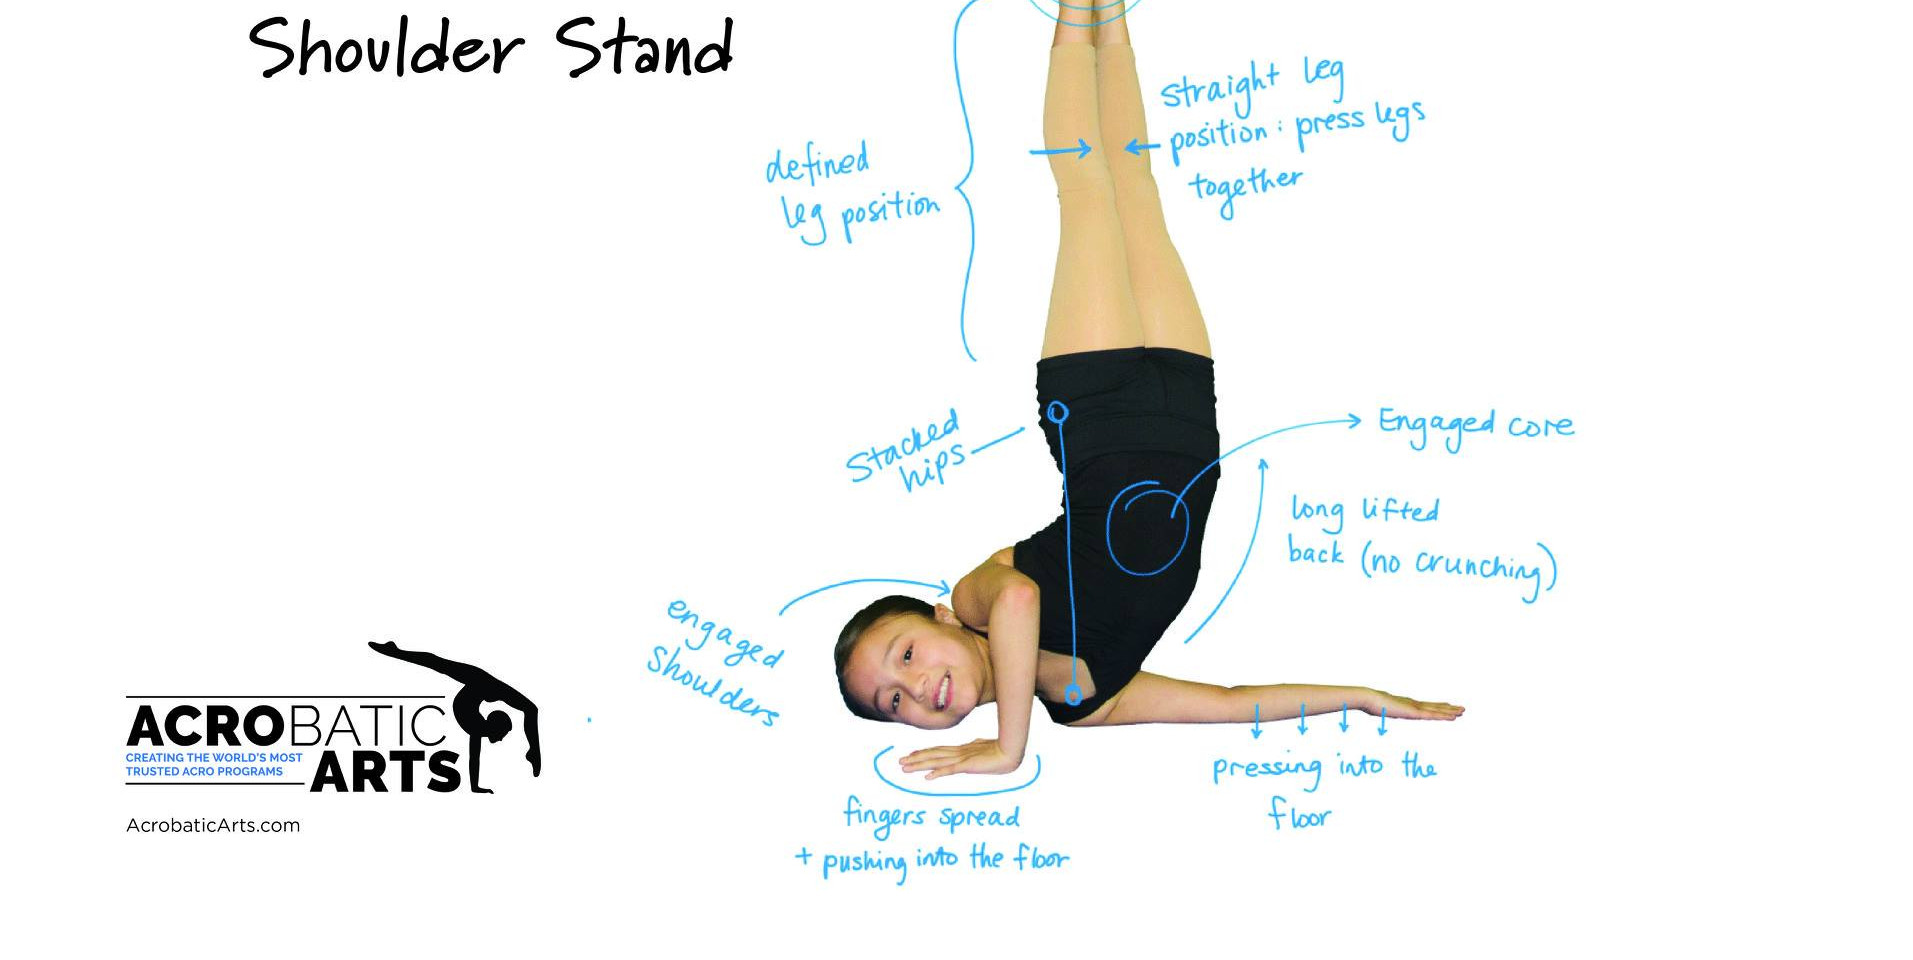 Shoulder stand.jpg